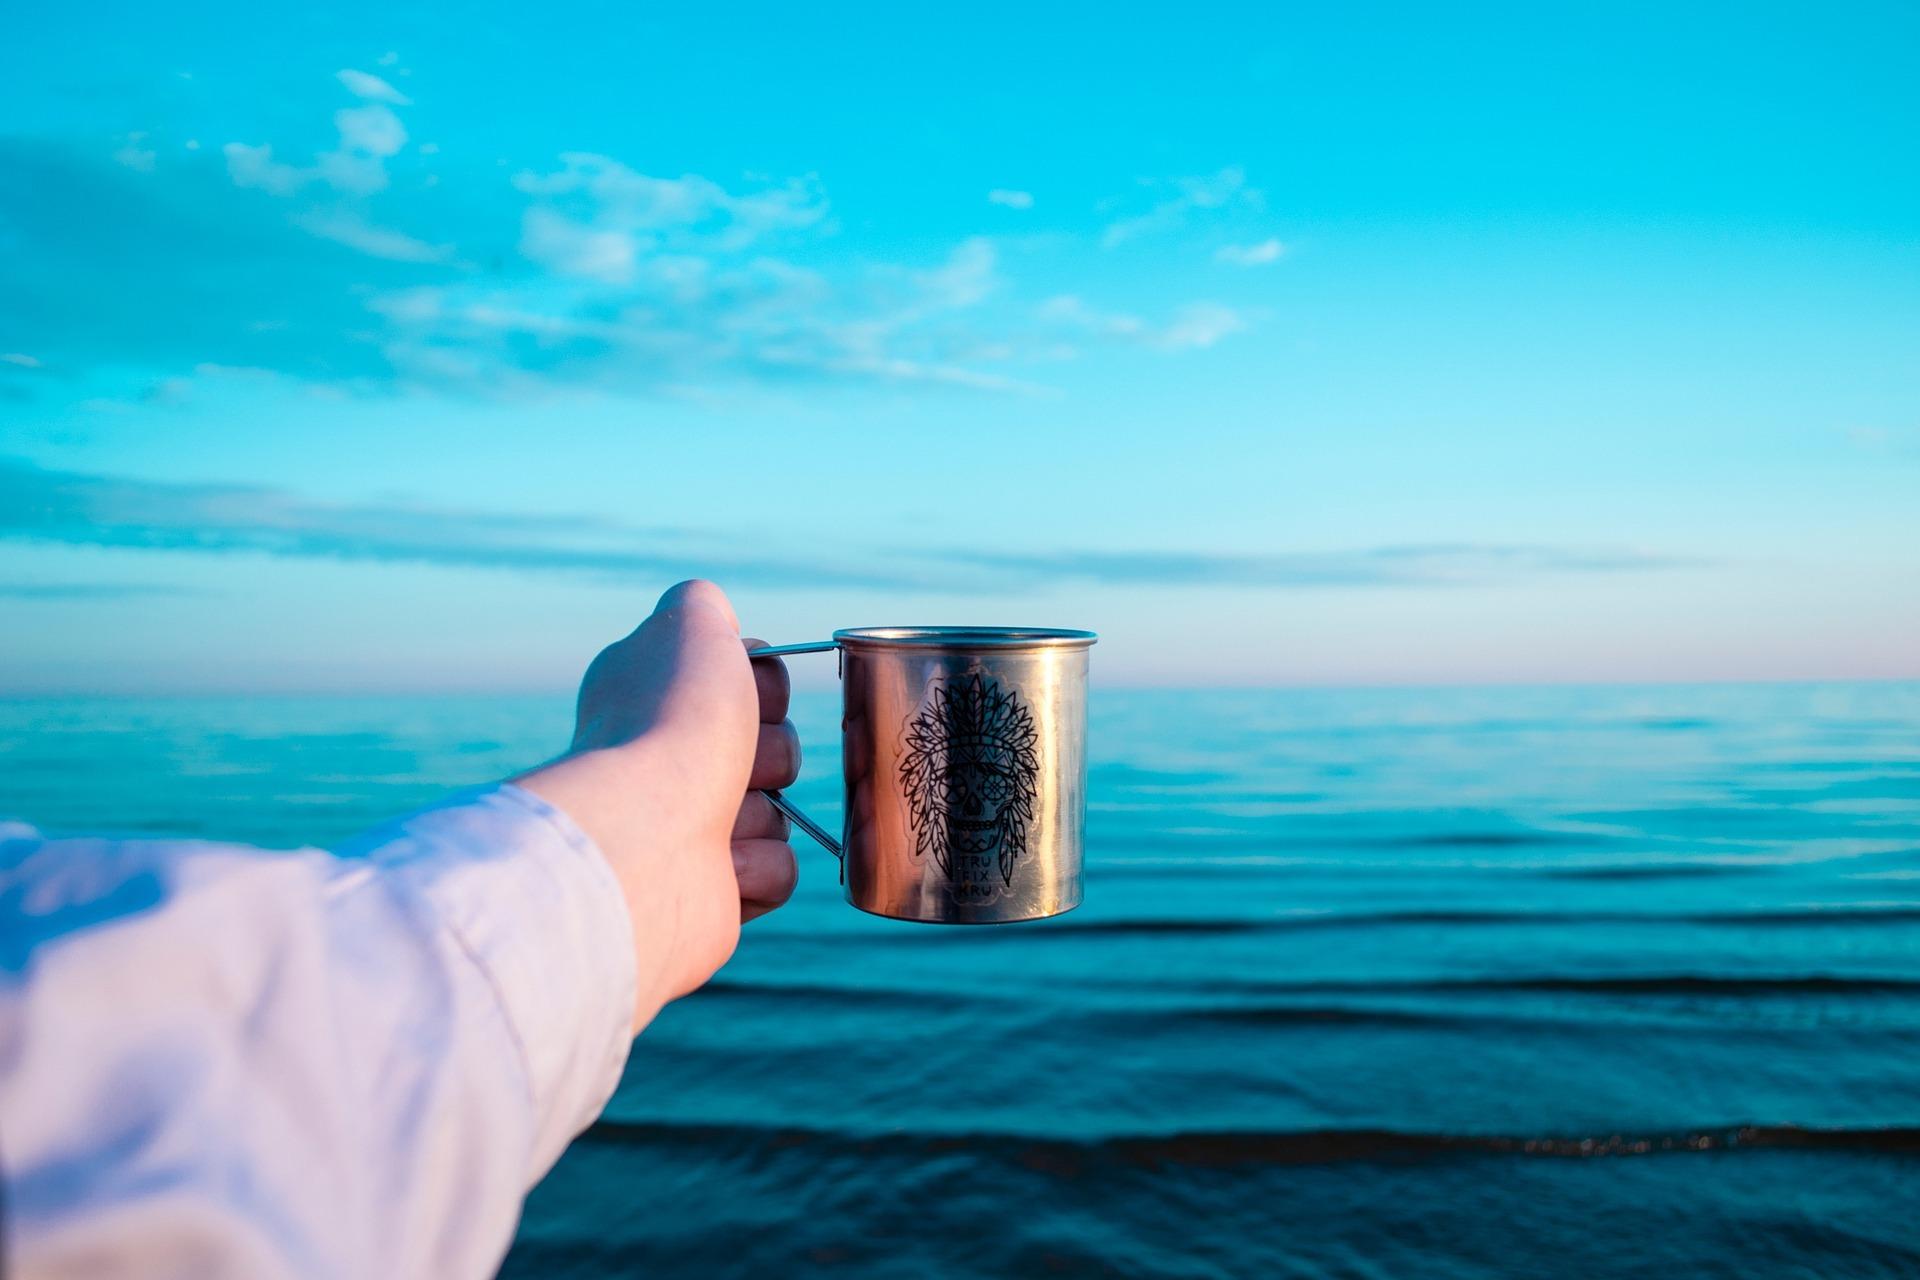 Kawa Po Turecku Czyli Jak Pic Kawe W Podrozy Nawakacje Eu